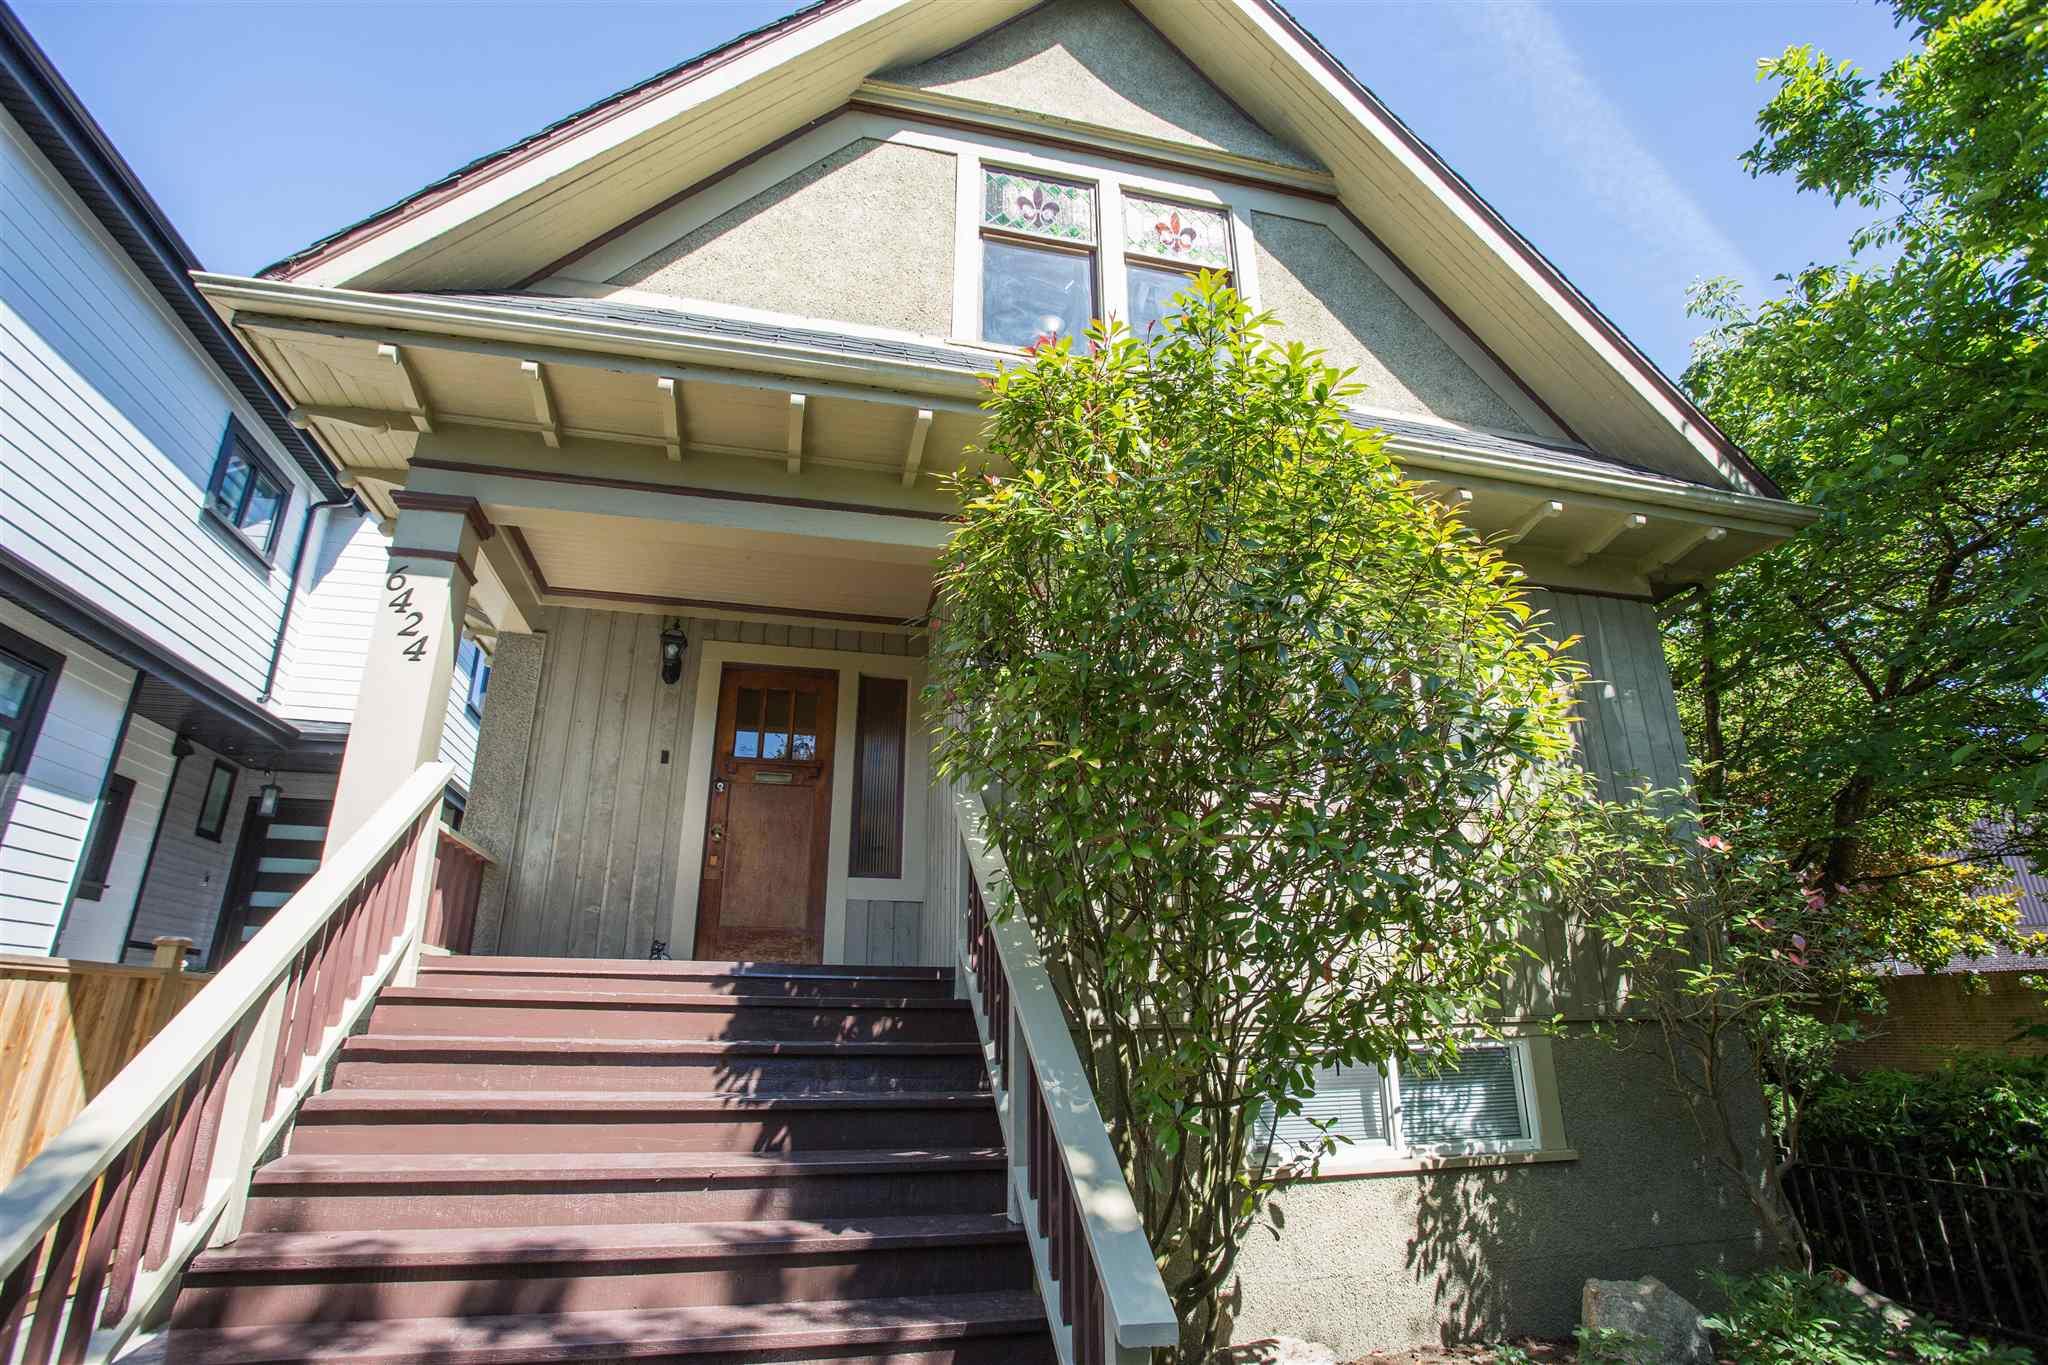 6424 CHESTER STREET - Fraser VE House/Single Family for sale, 6 Bedrooms (R2594683) - #1